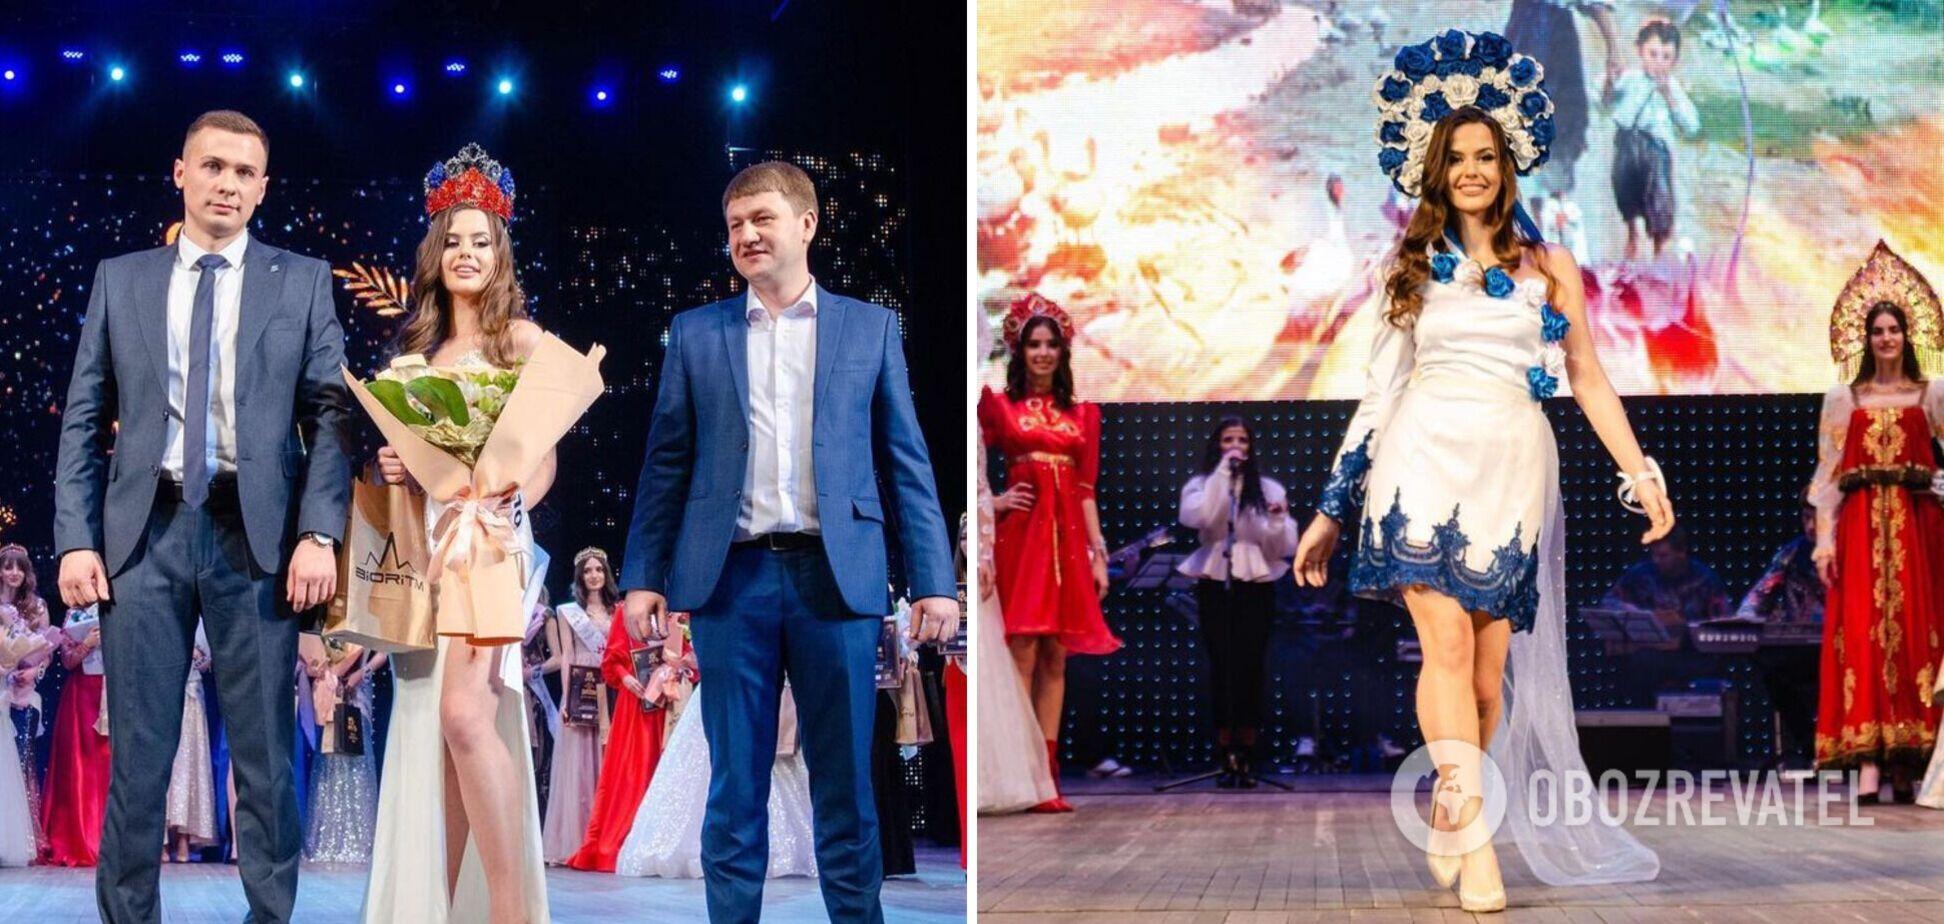 В 'ДНР' прошел конкурс 'Краса Донбасса-2021': в сети раскритиковали победительницу. Видео